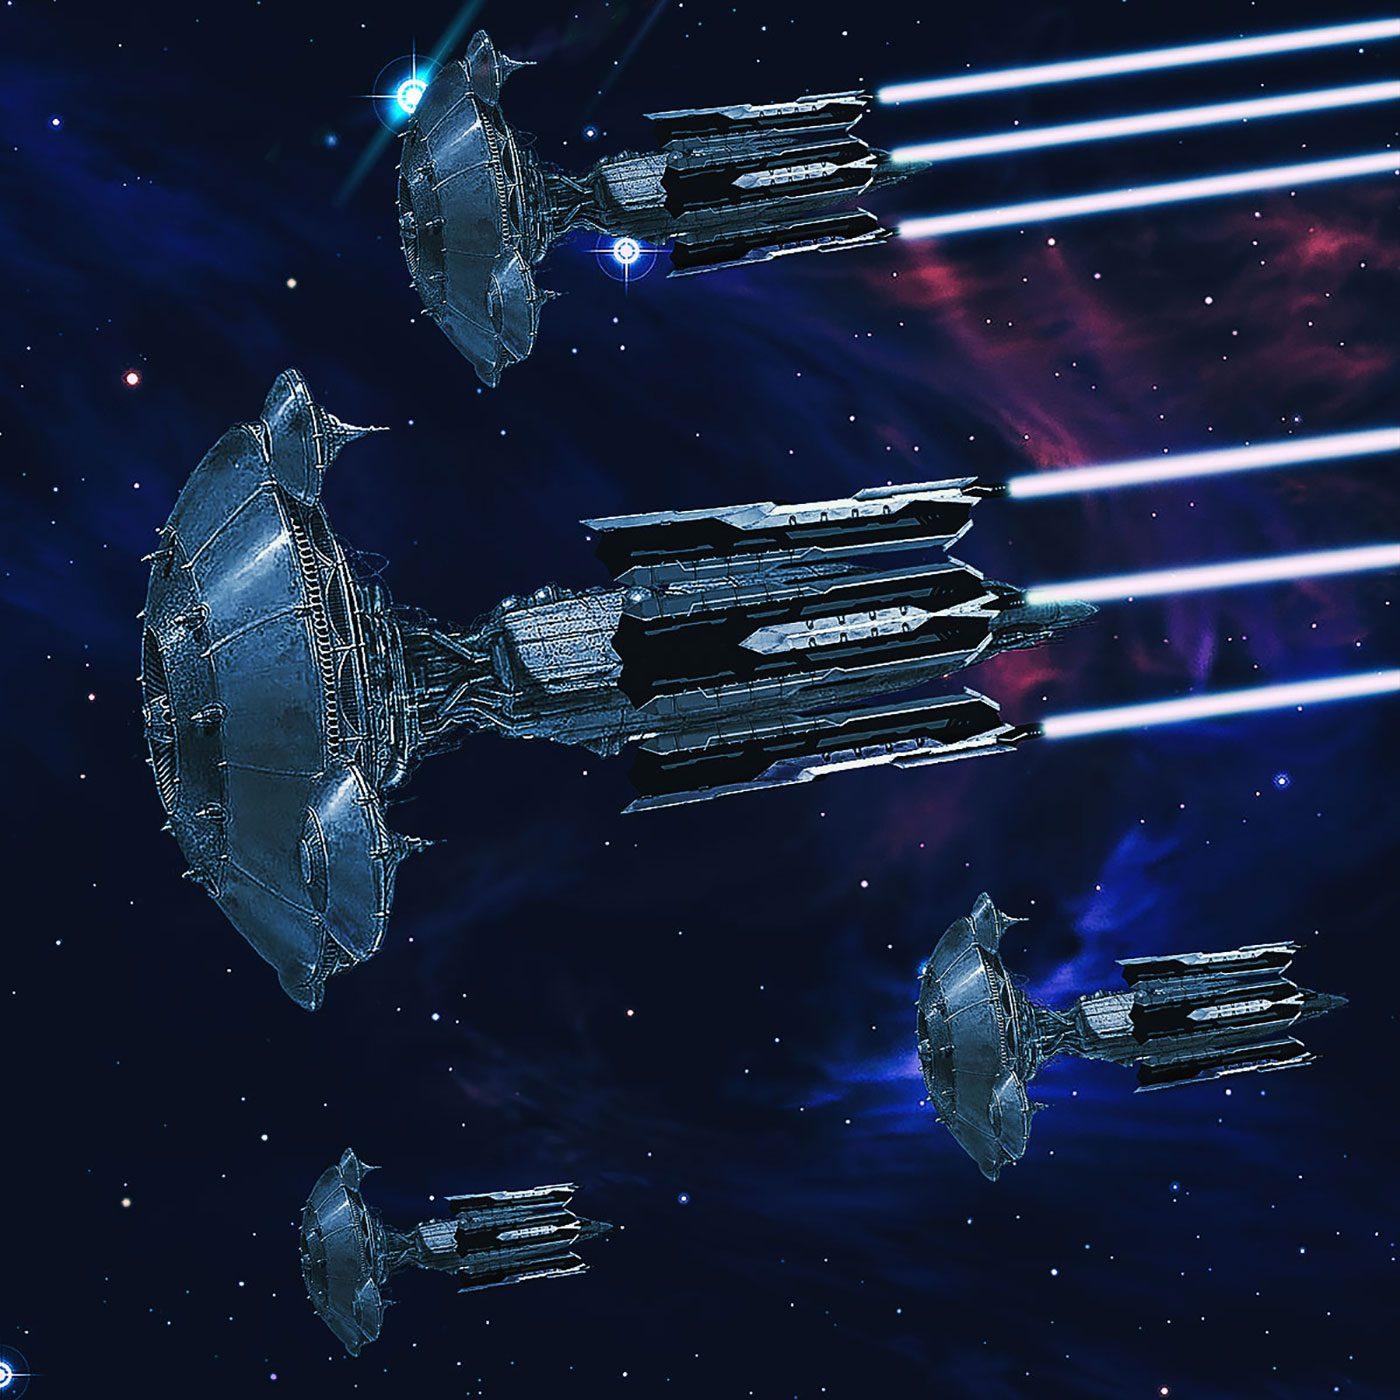 Laser lances